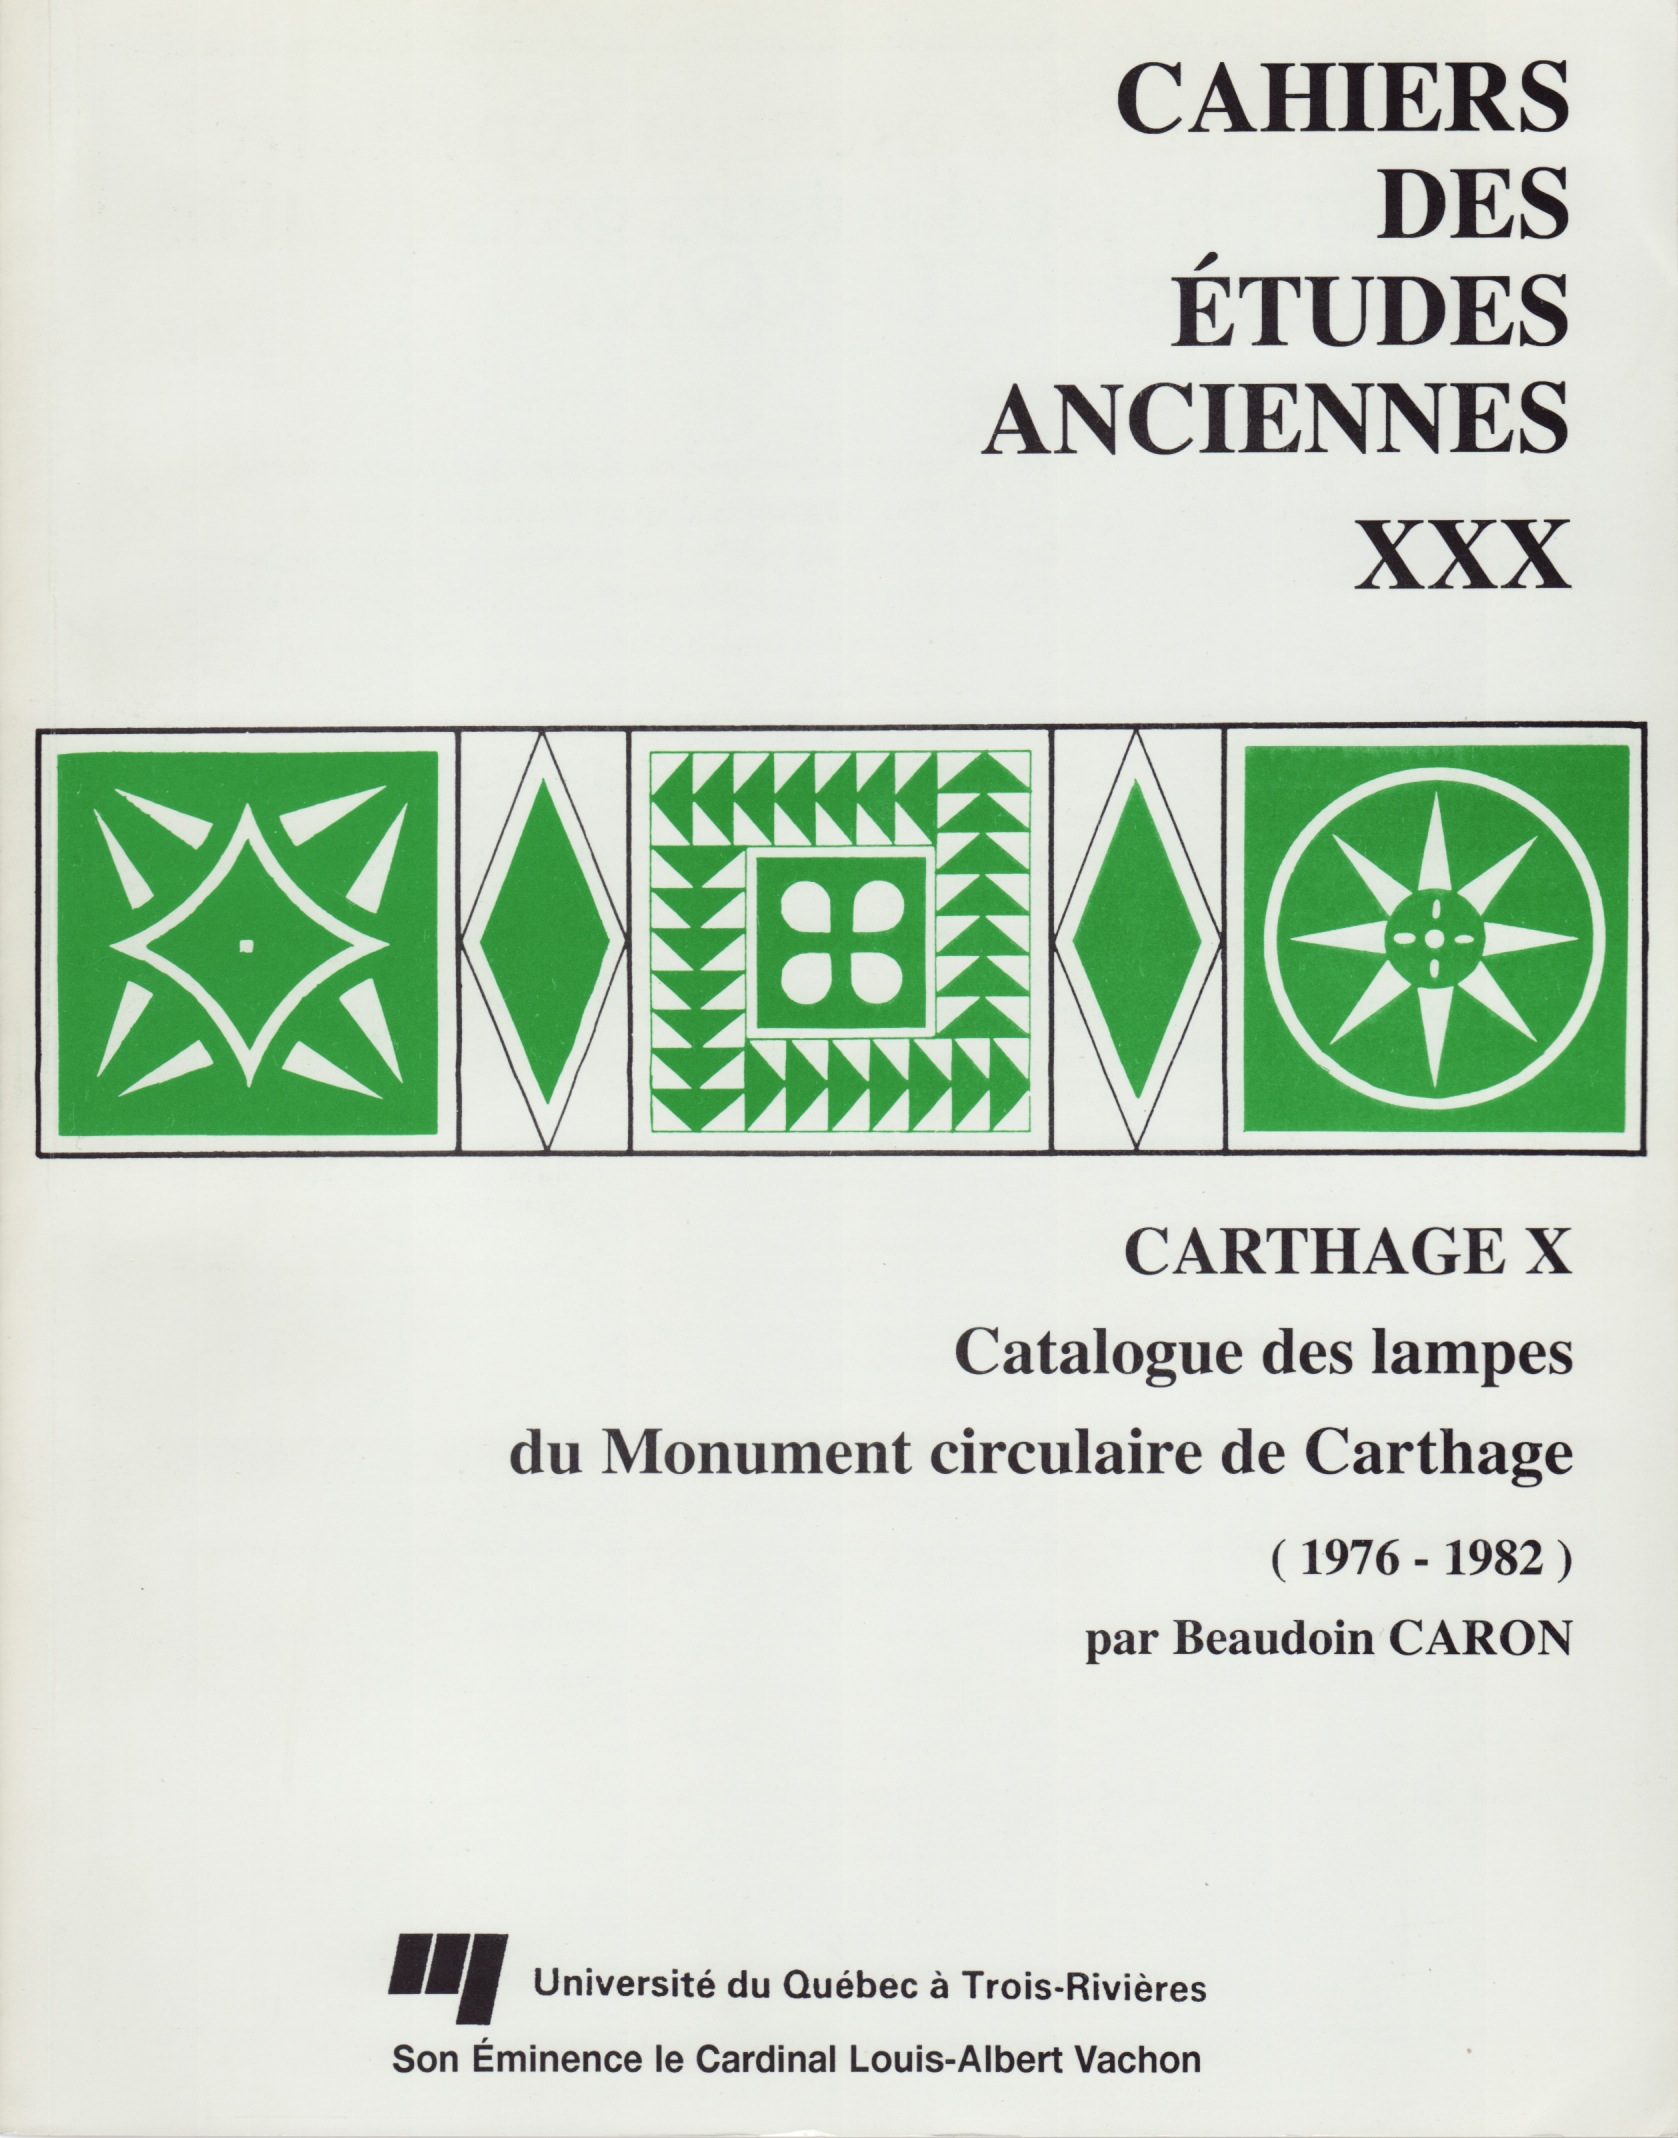 Caron 1995